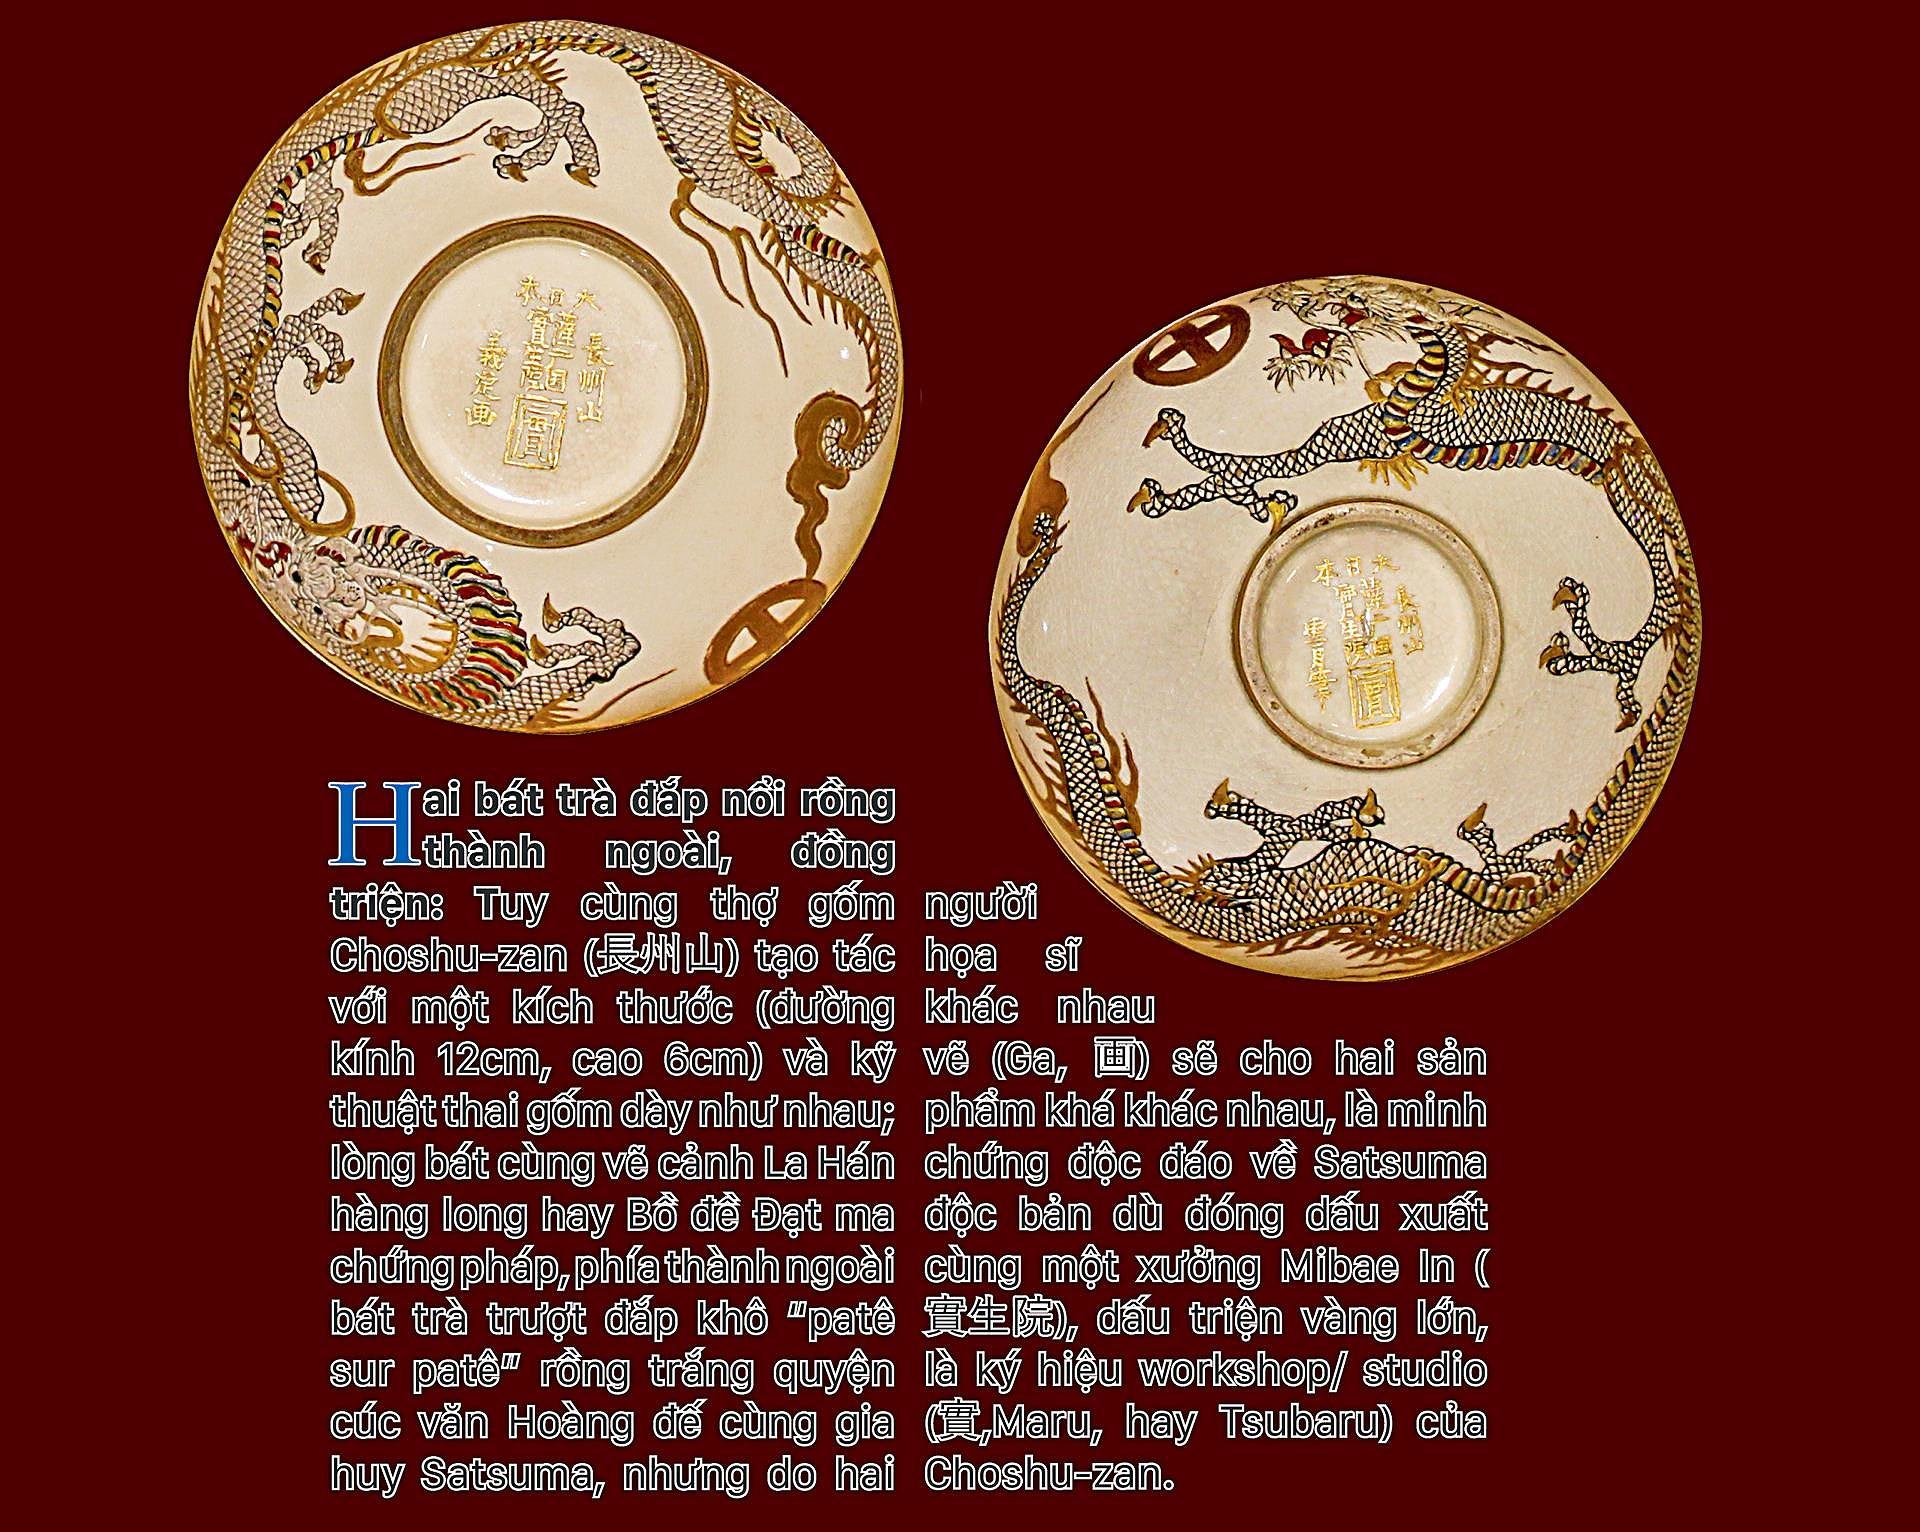 Biểu tượng vương quyền trên những bát trà   ảnh 6